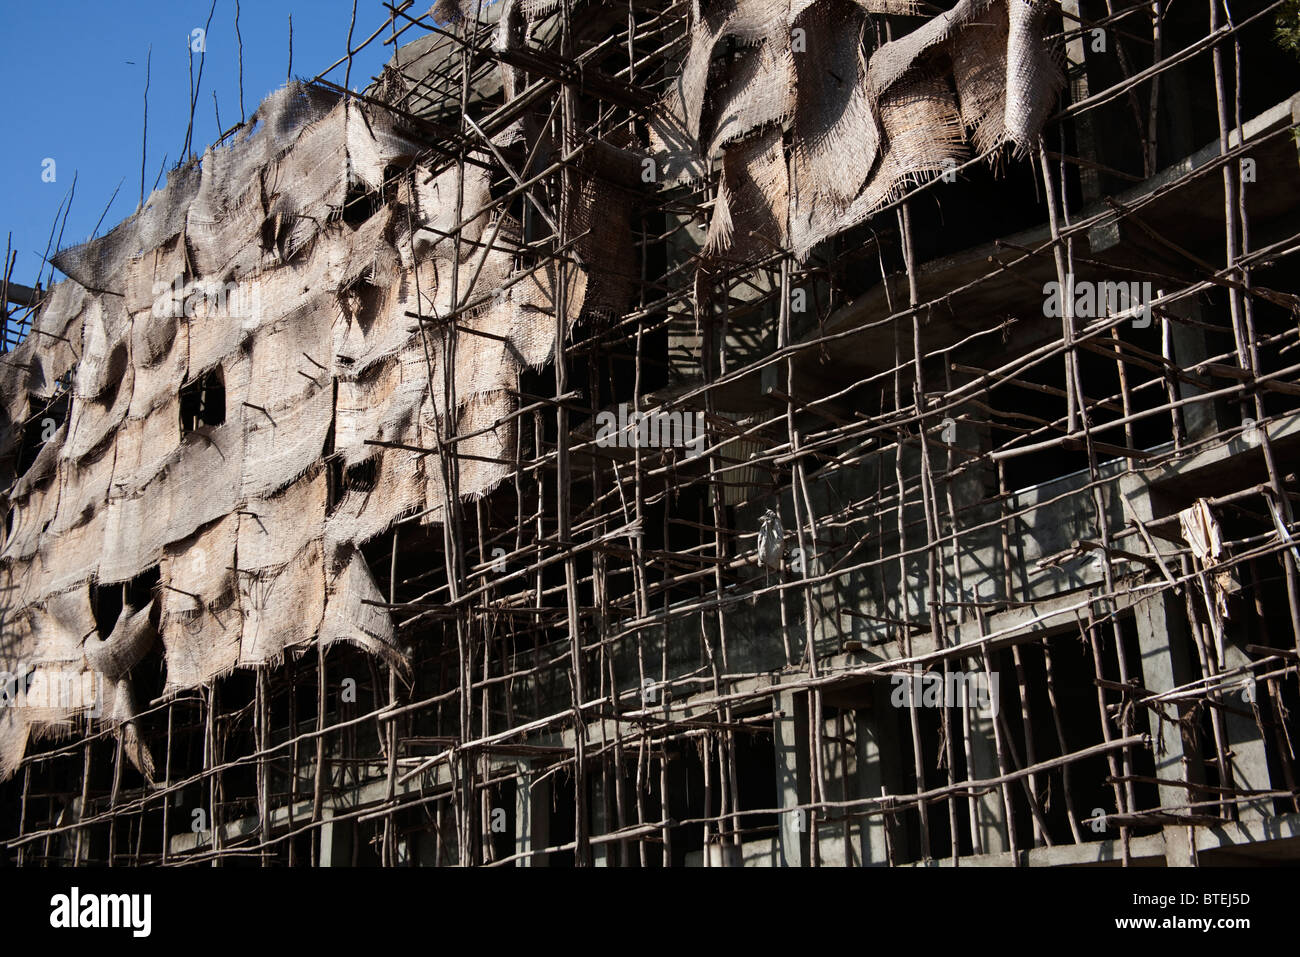 Baugerüsten und Bildschirme in der Innenstadt von Awassa auf einem mehrstöckigen Gebäude Stockbild